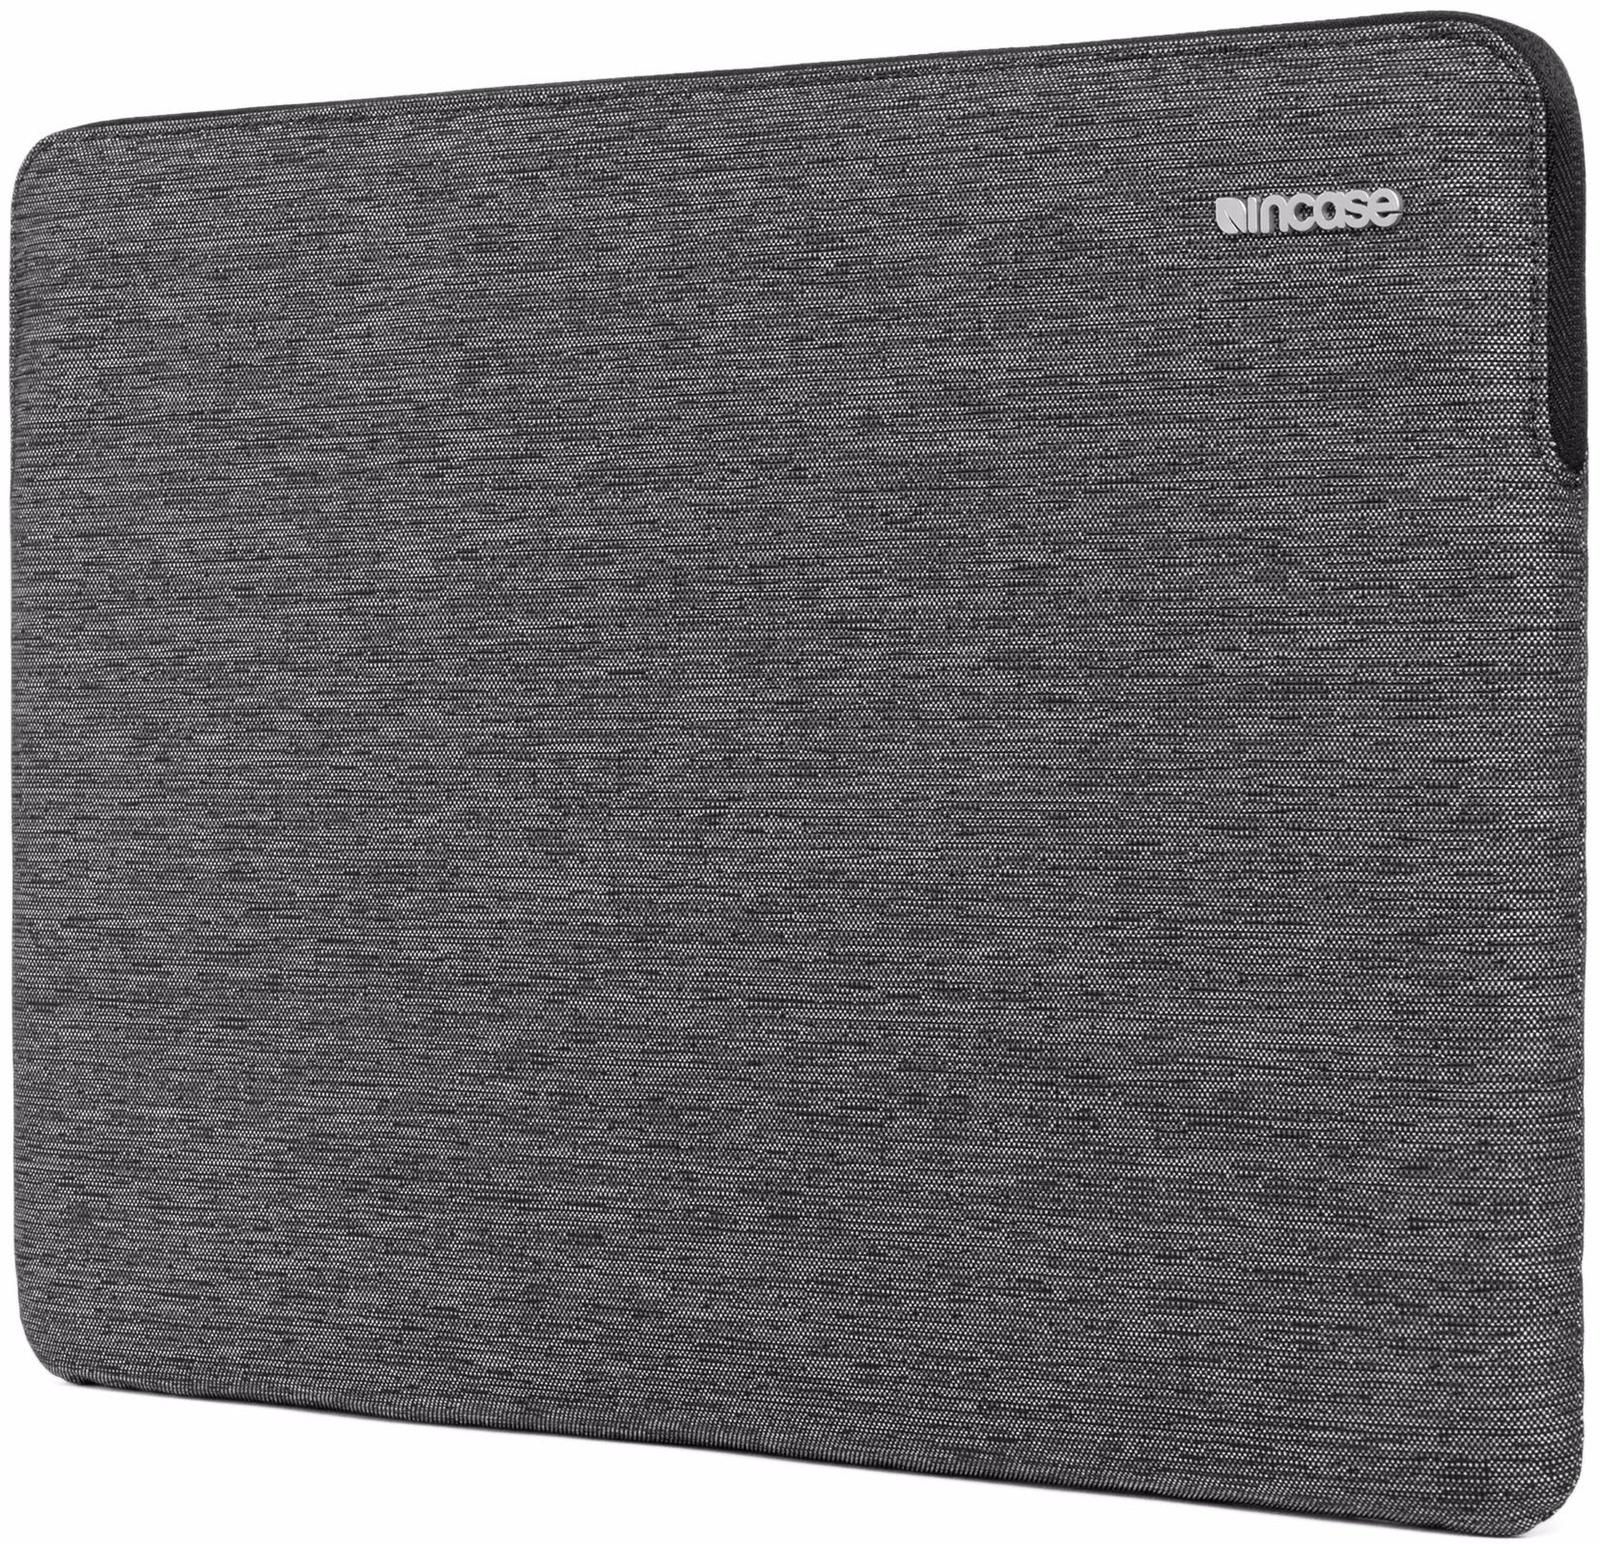 Чехол для ноутбука Incase для ноутбука MacBook Pro Retina 15, черный чехол incase hardshell case для macbook pro 13